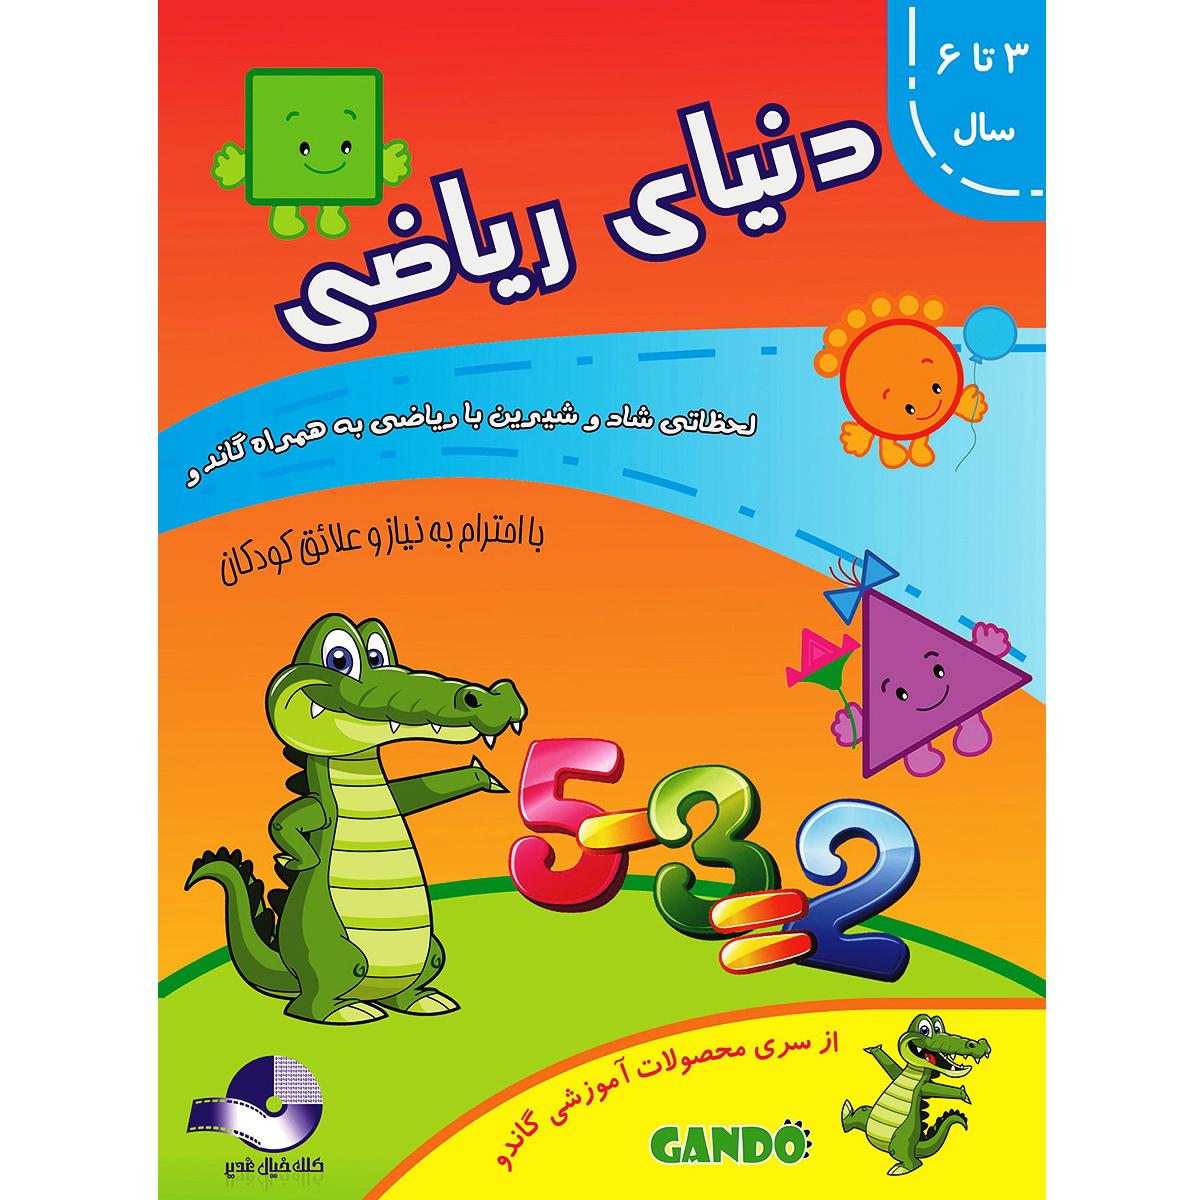 نرم افزار آموزش دنیای ریاضی نشر کلک خیال غدیر